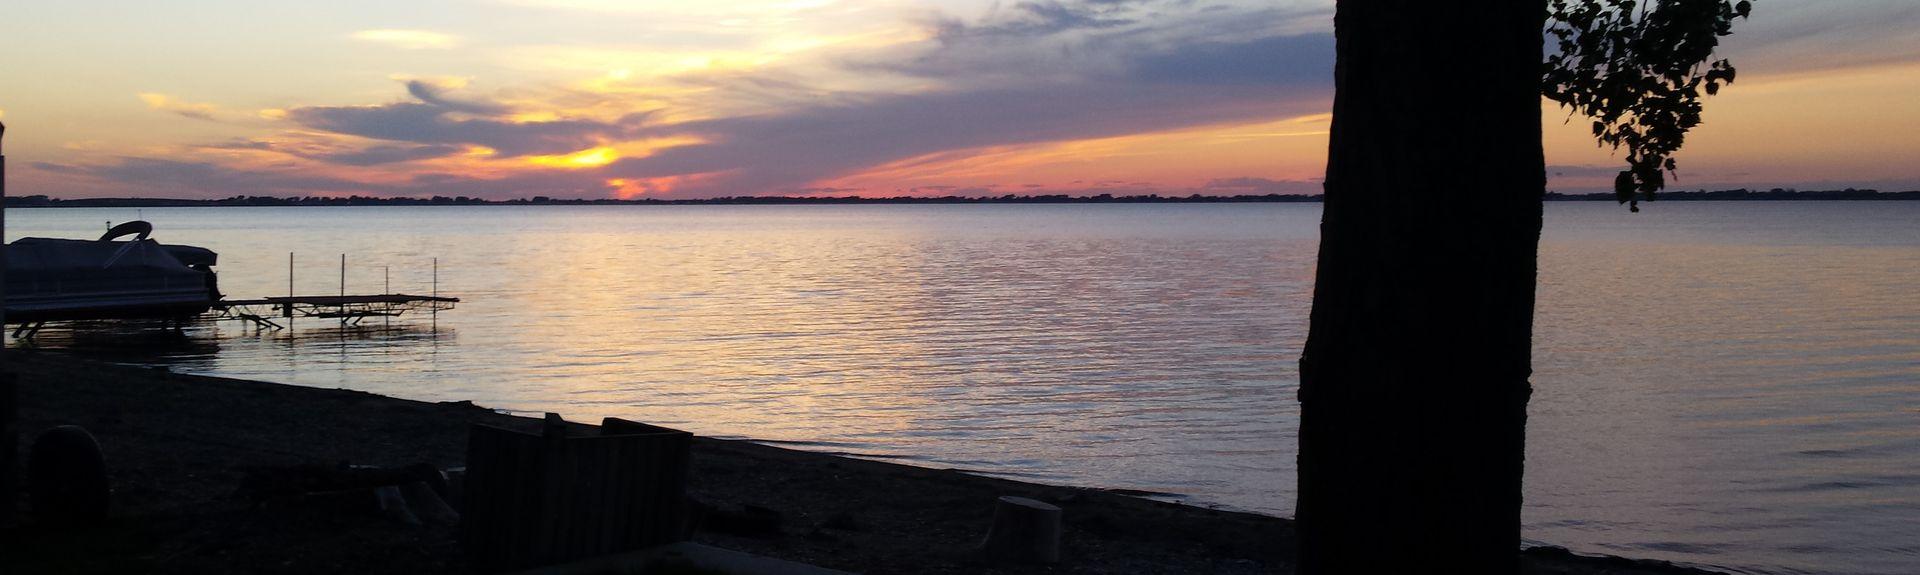 Lake Norden, SD, USA